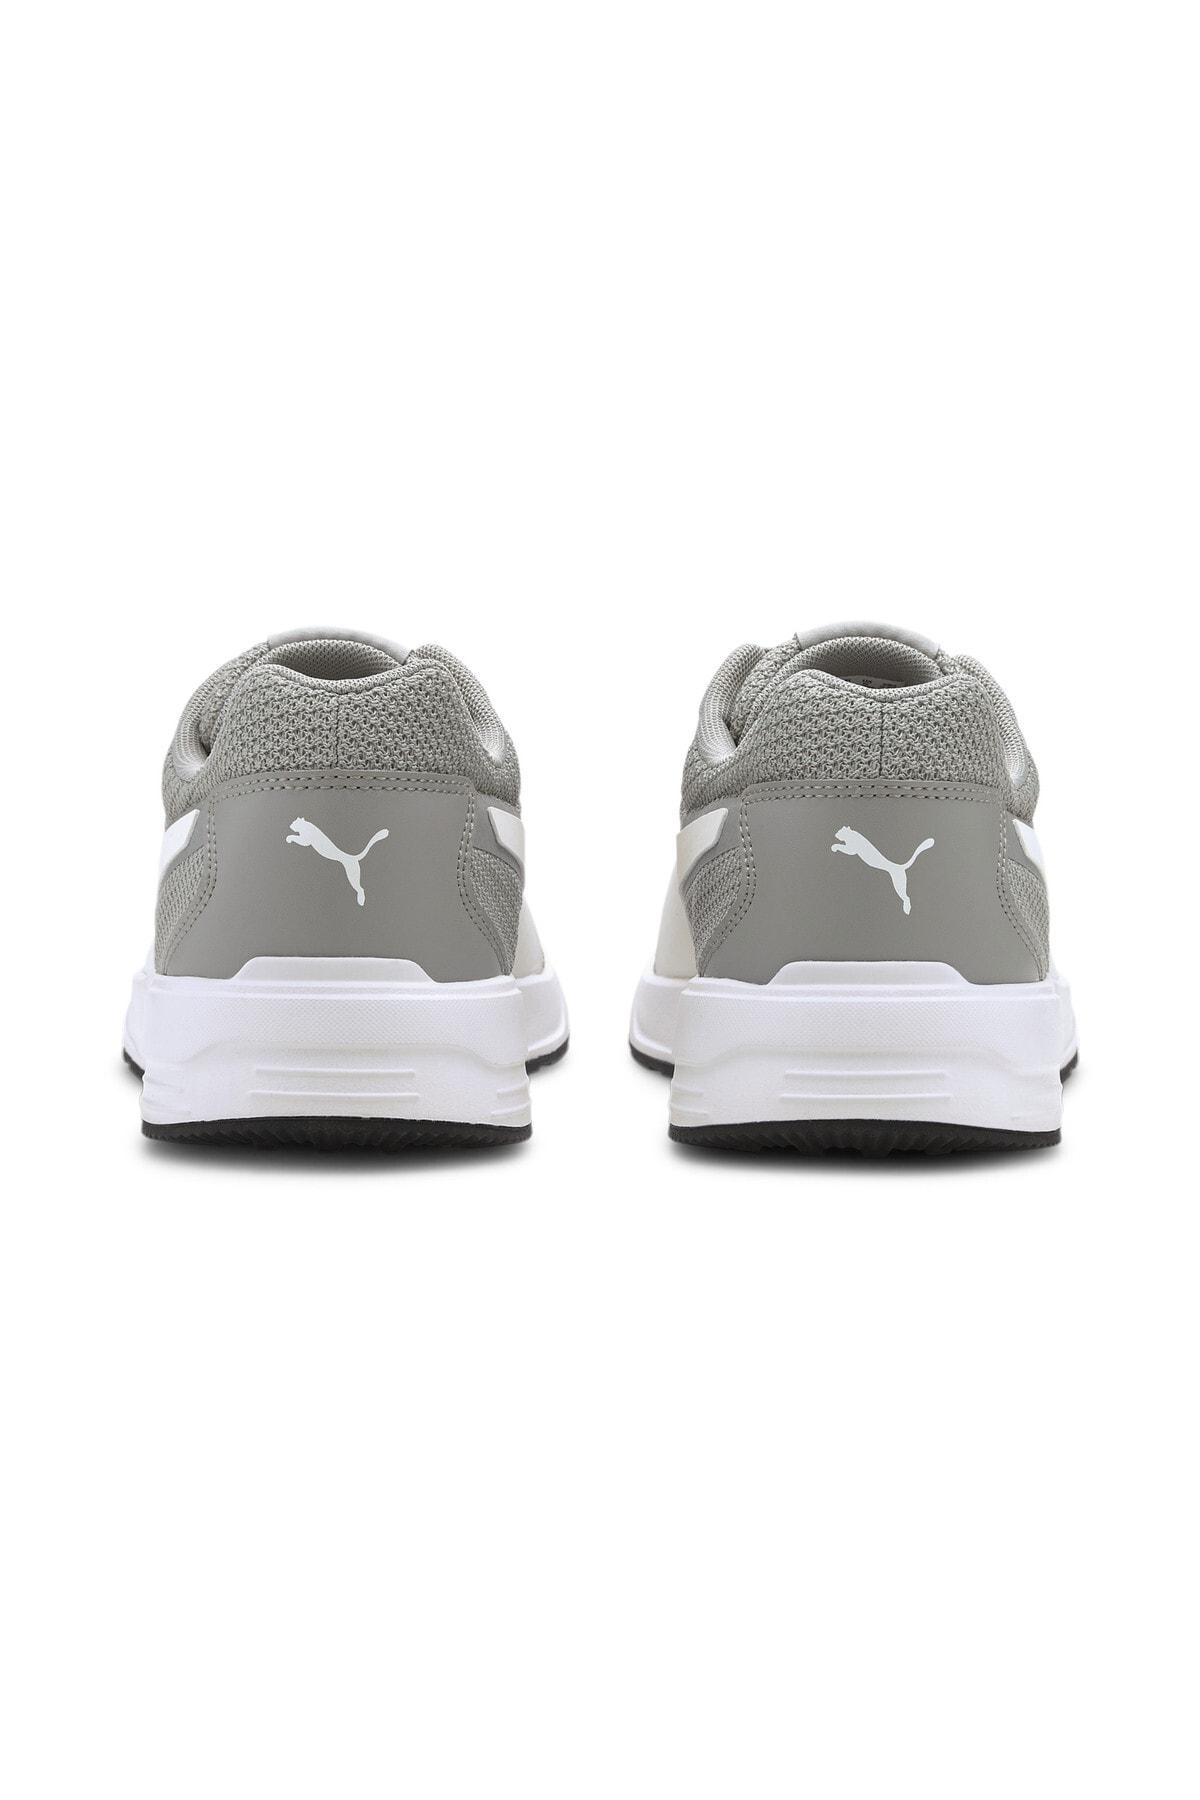 Puma TAPER Gri Erkek Koşu Ayakkabısı 100656439 2